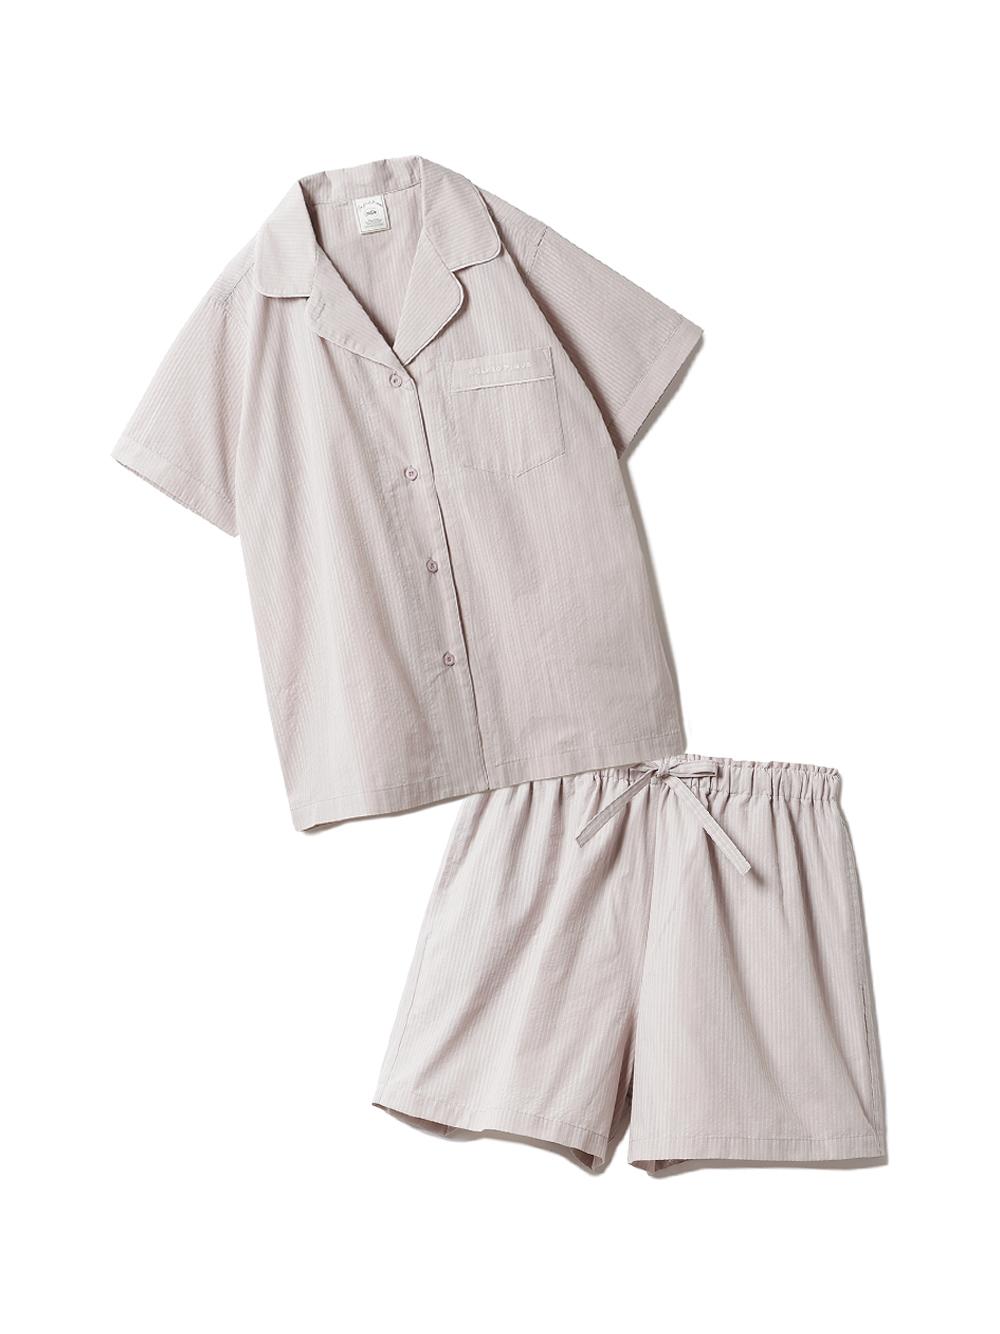 【ラッピング】クールMAXシャツ&ショートパンツSET